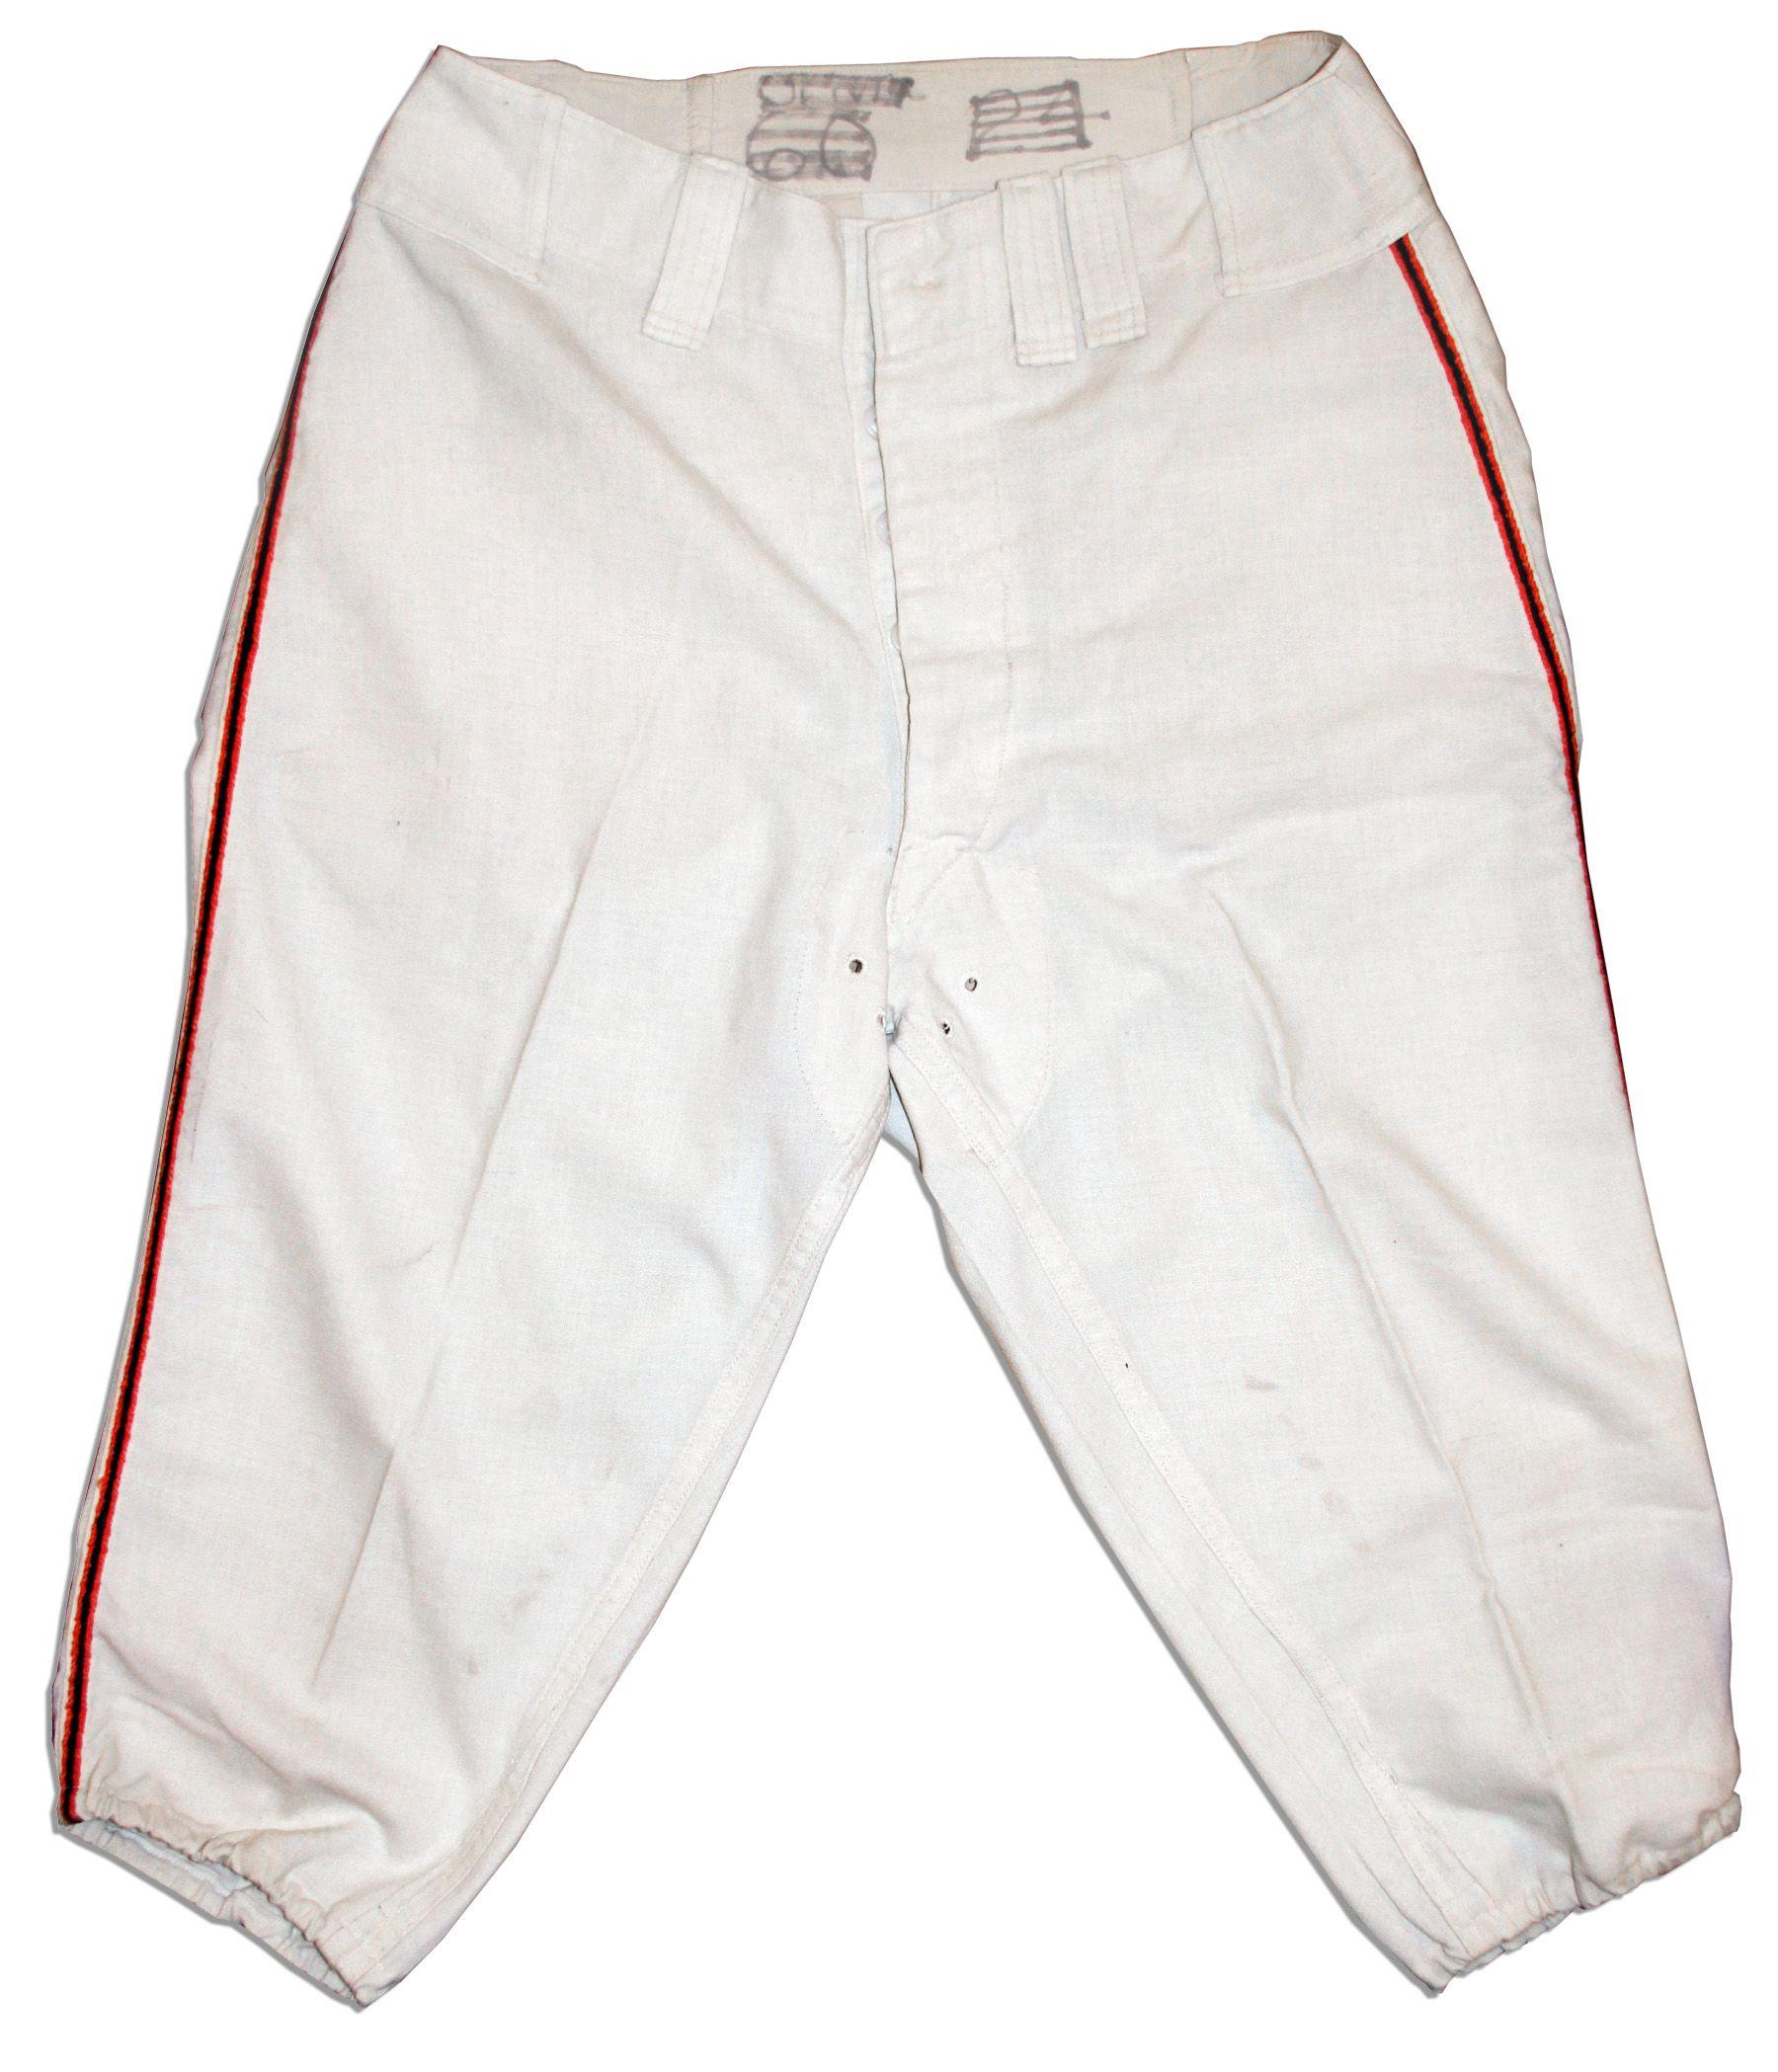 Pantalons - Bermudas San Francisco zBvou